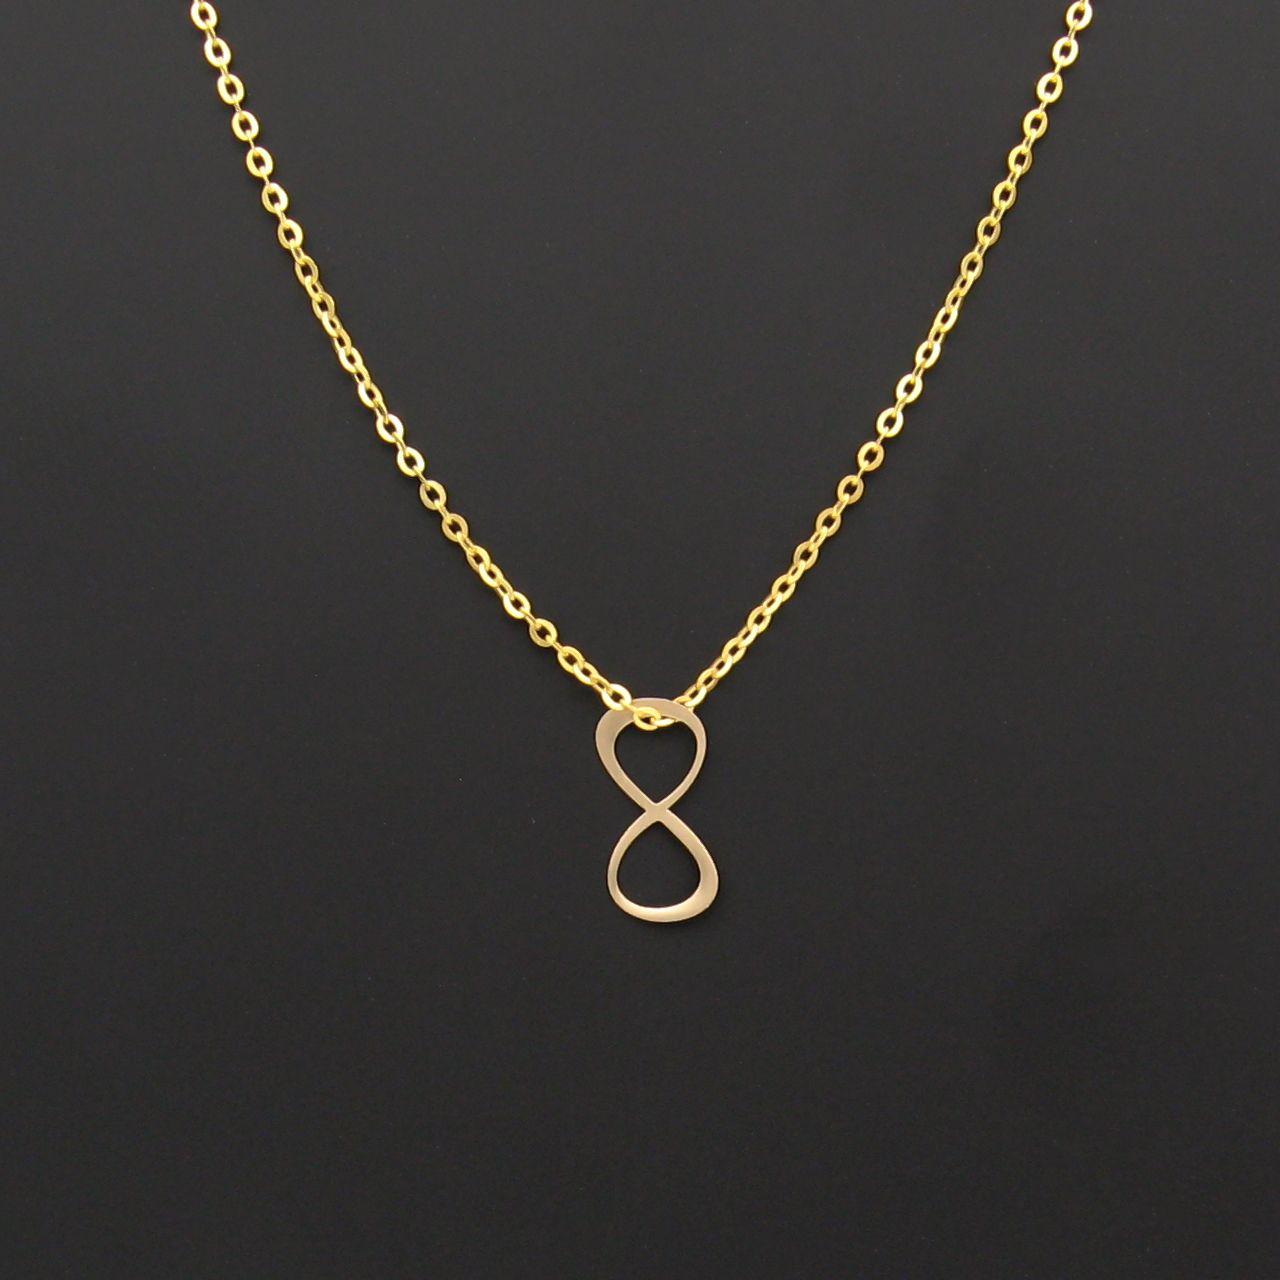 گردنبند طلا 18 عیار زنانه مانچو کد sfgs017 thumb 2 2